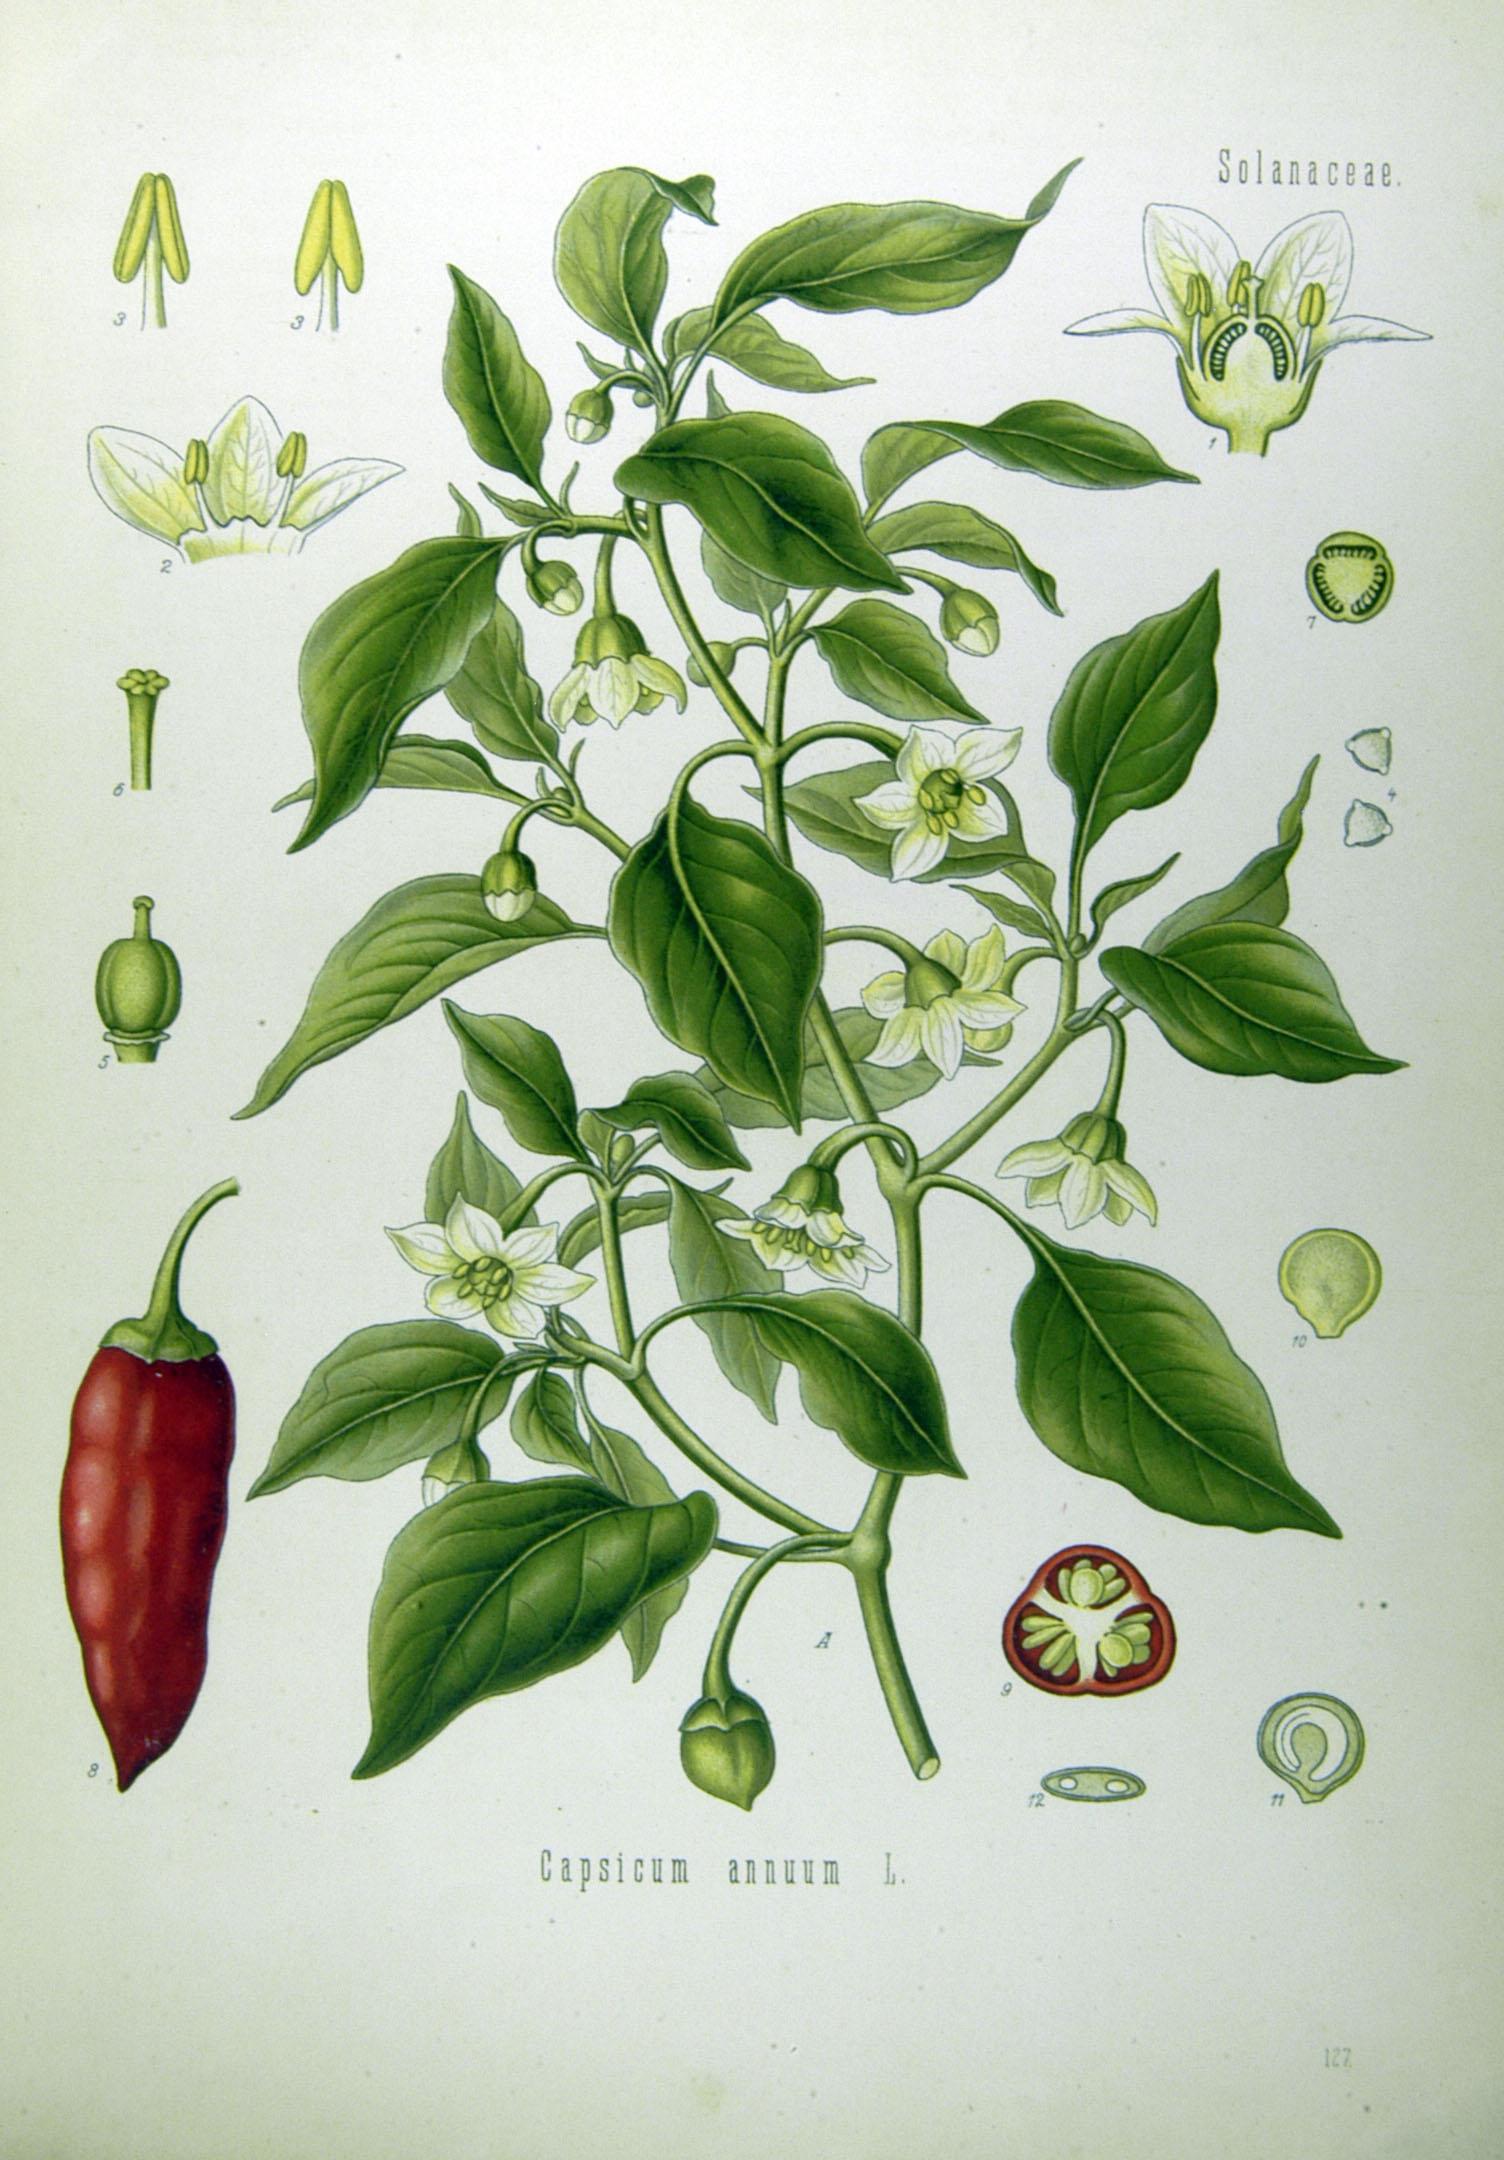 Depiction of Capsicum